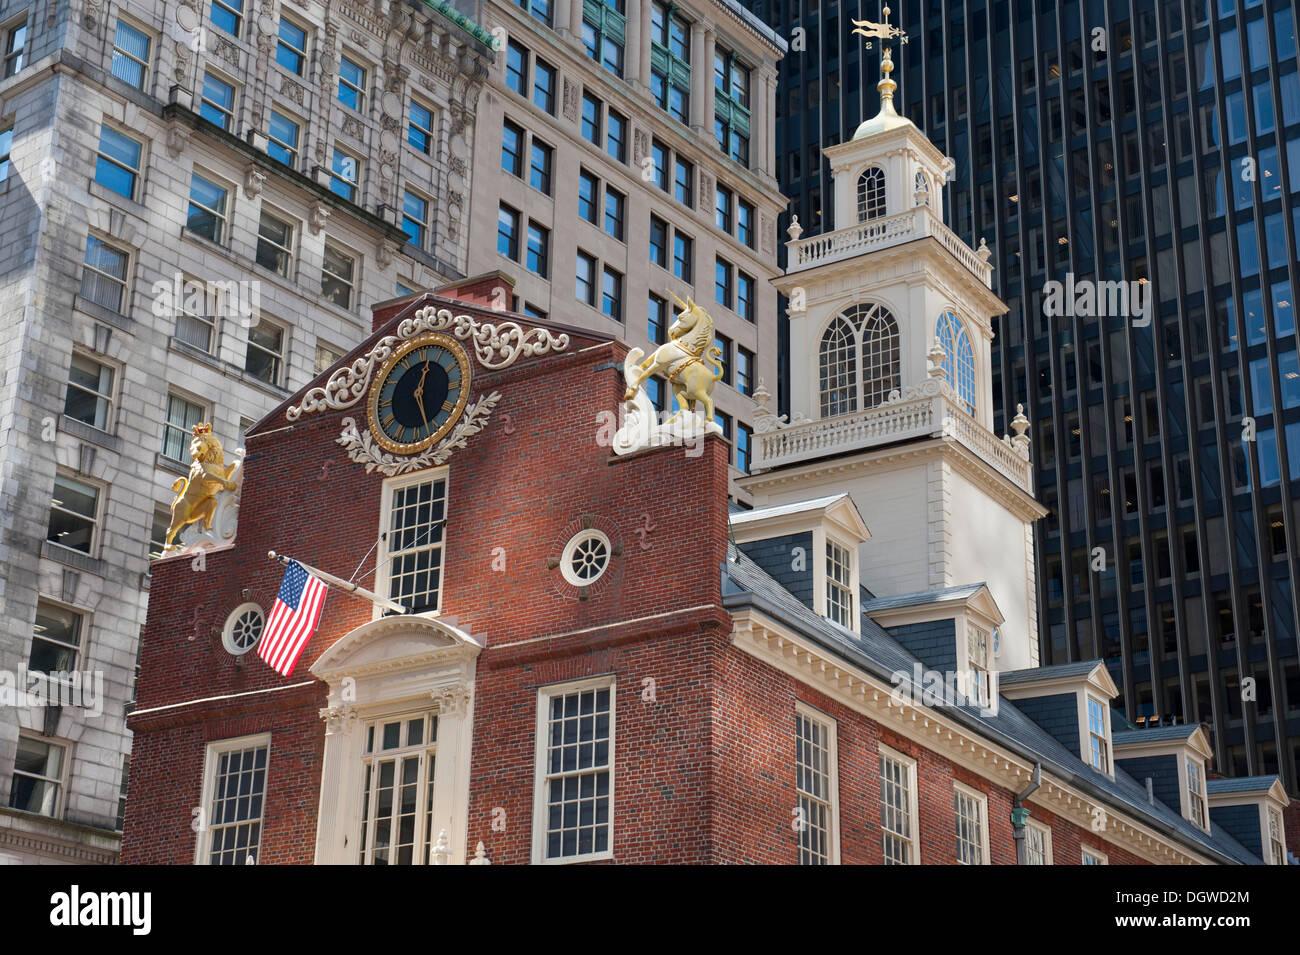 Arquitectura, Historia y política, la Old State House, el Freedom Trail, Boston, Massachusetts, Nueva Inglaterra, Estados Unidos, América del Norte Imagen De Stock